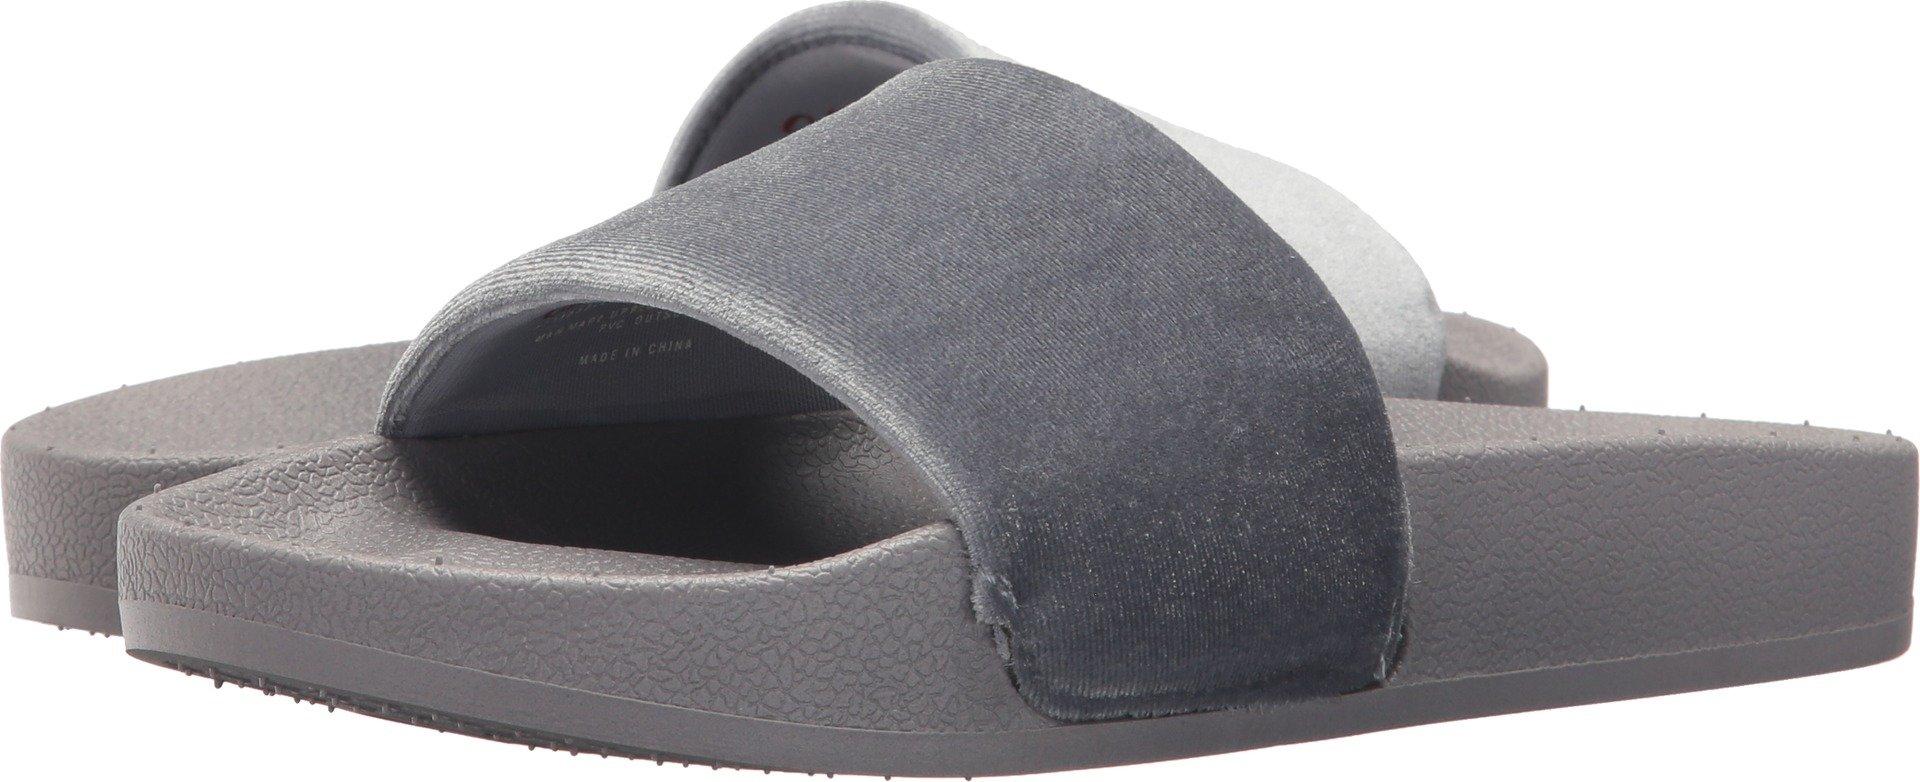 Chooka Women's Slide Sandal with Molded Footbed and Plush Velvet Upper, Velvet Grey, 6 M US